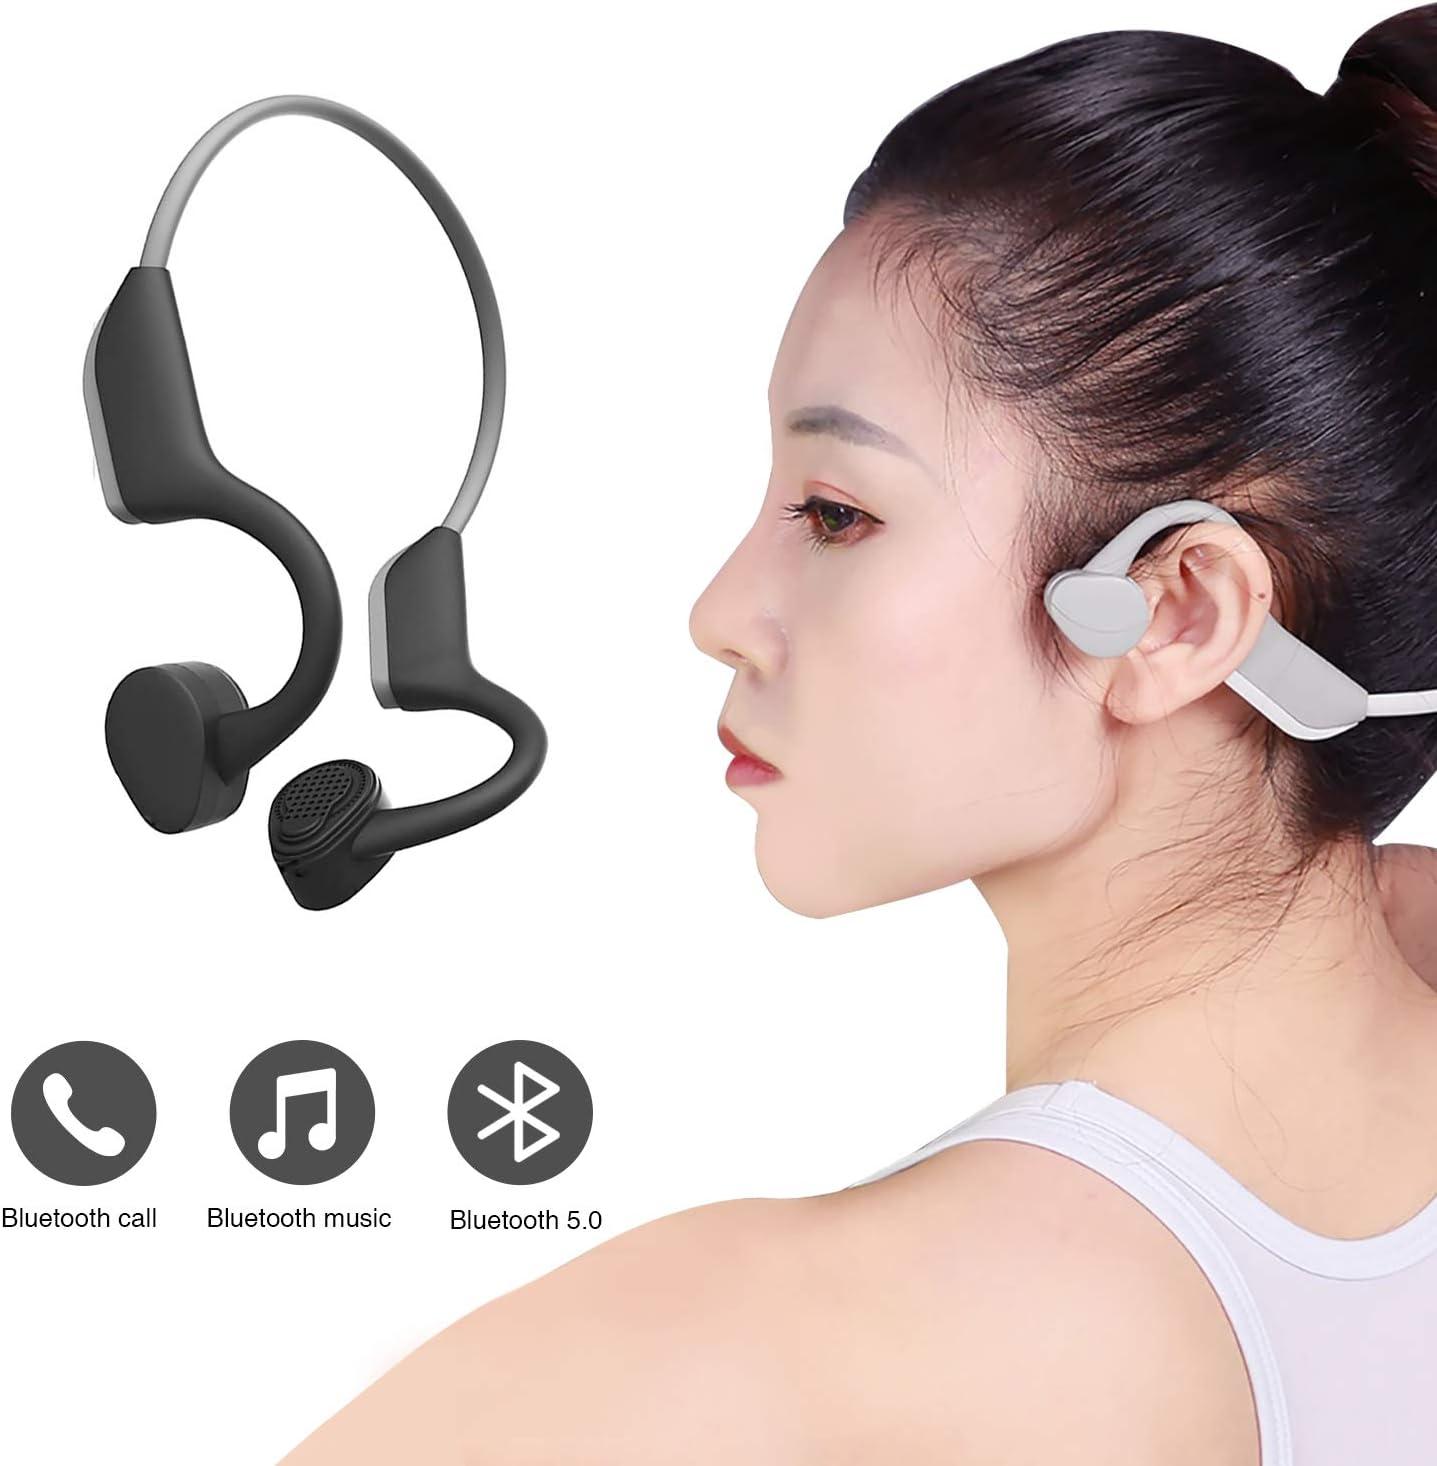 Auriculares Bluetooth 5.0 con conducción ósea y Bluetooth, inalámbricos, deportivos, estéreo, a prueba de sudor, con micrófono para deportes compatible con iOS Android (Versión normal): Amazon.es: Salud y cuidado personal